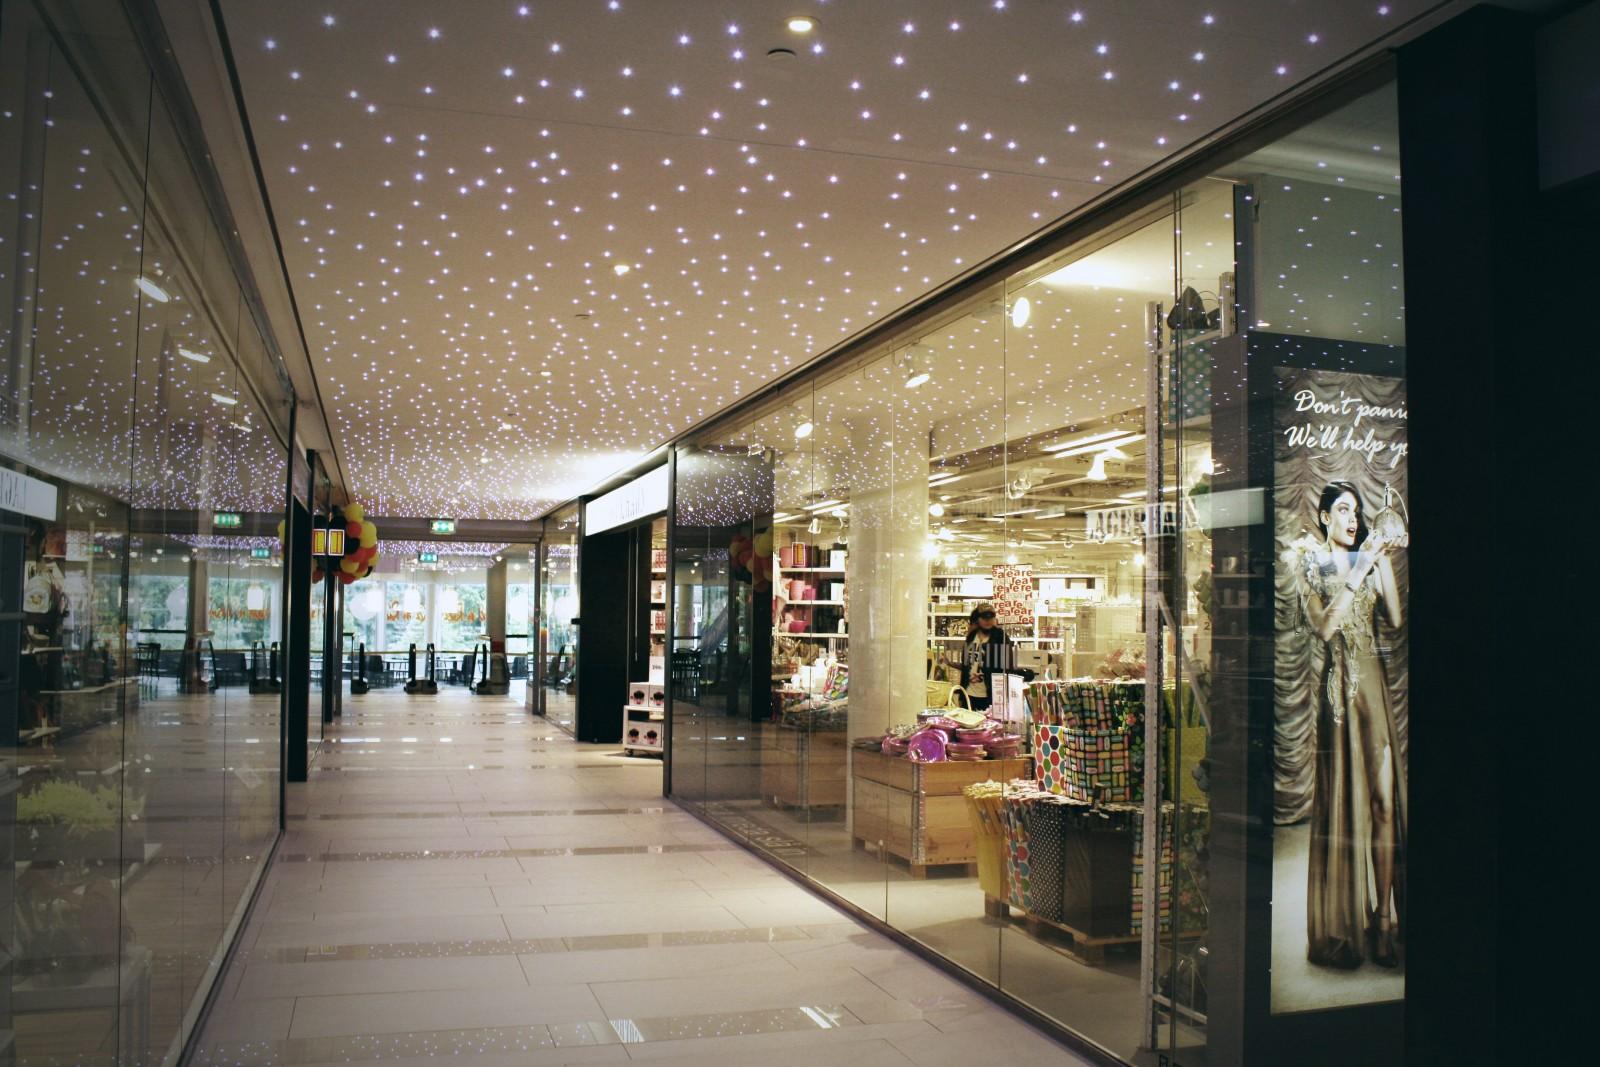 <h1>Skövdes indkøbcenter Commerce</h1><h4>Dynamisk LED stjernehimmel</h4>